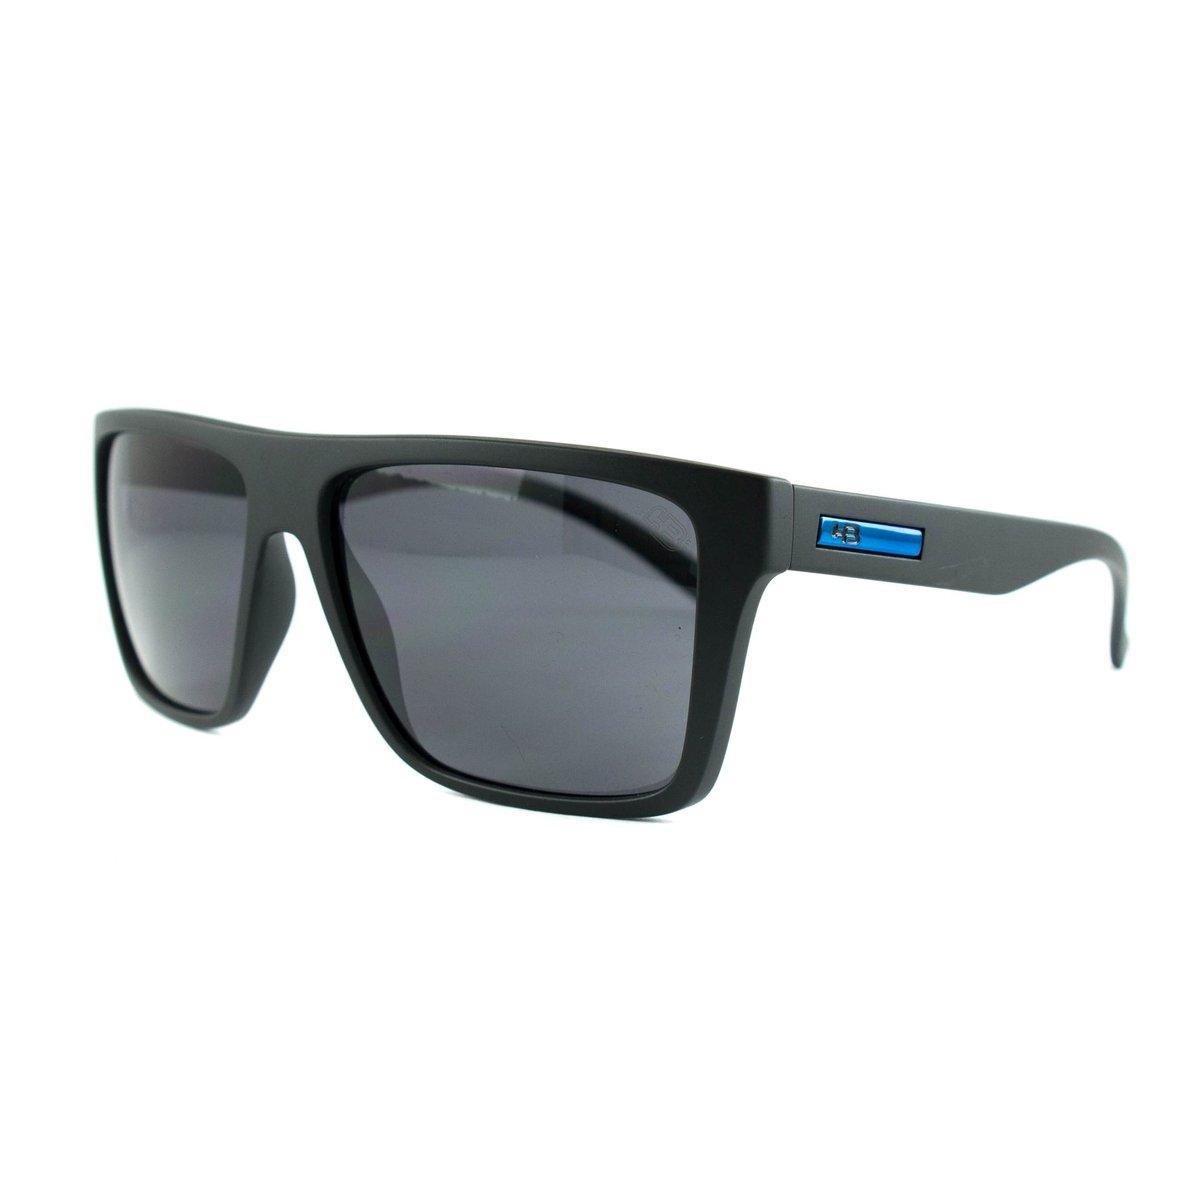 29e5e68a2 Óculos HB Floyd - Compre Agora | Netshoes